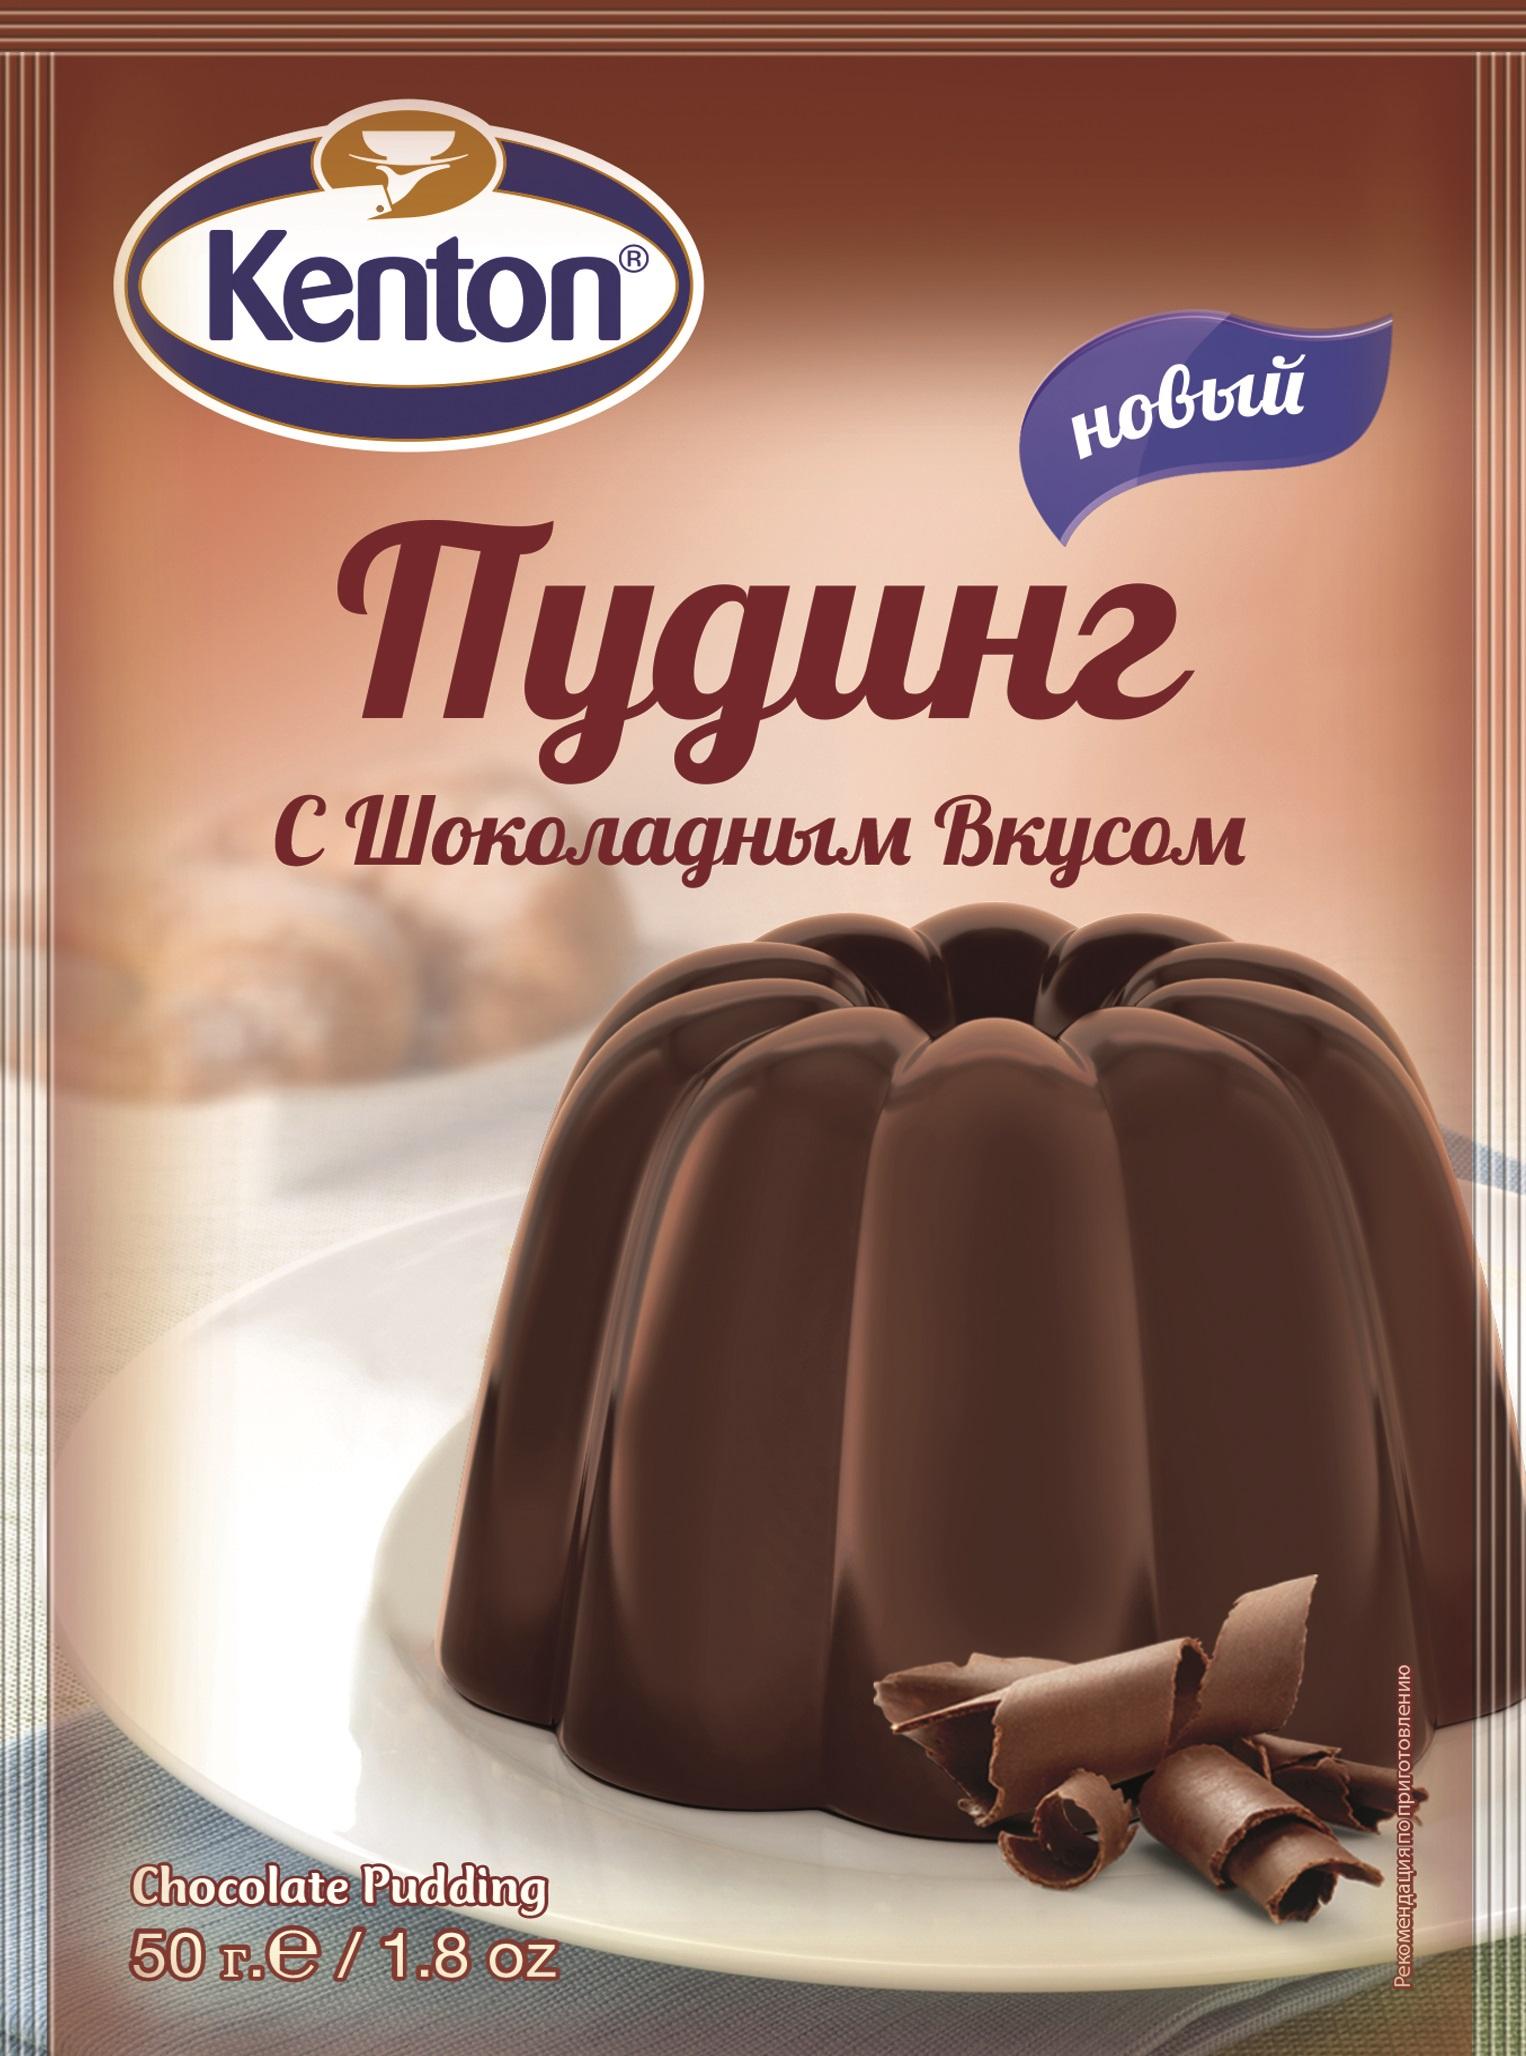 Смесь для выпечки KENTON пудинг с шоколадным вкусом, 50 смесь для выпечки почти печенье матча шоколад кокос 370 г